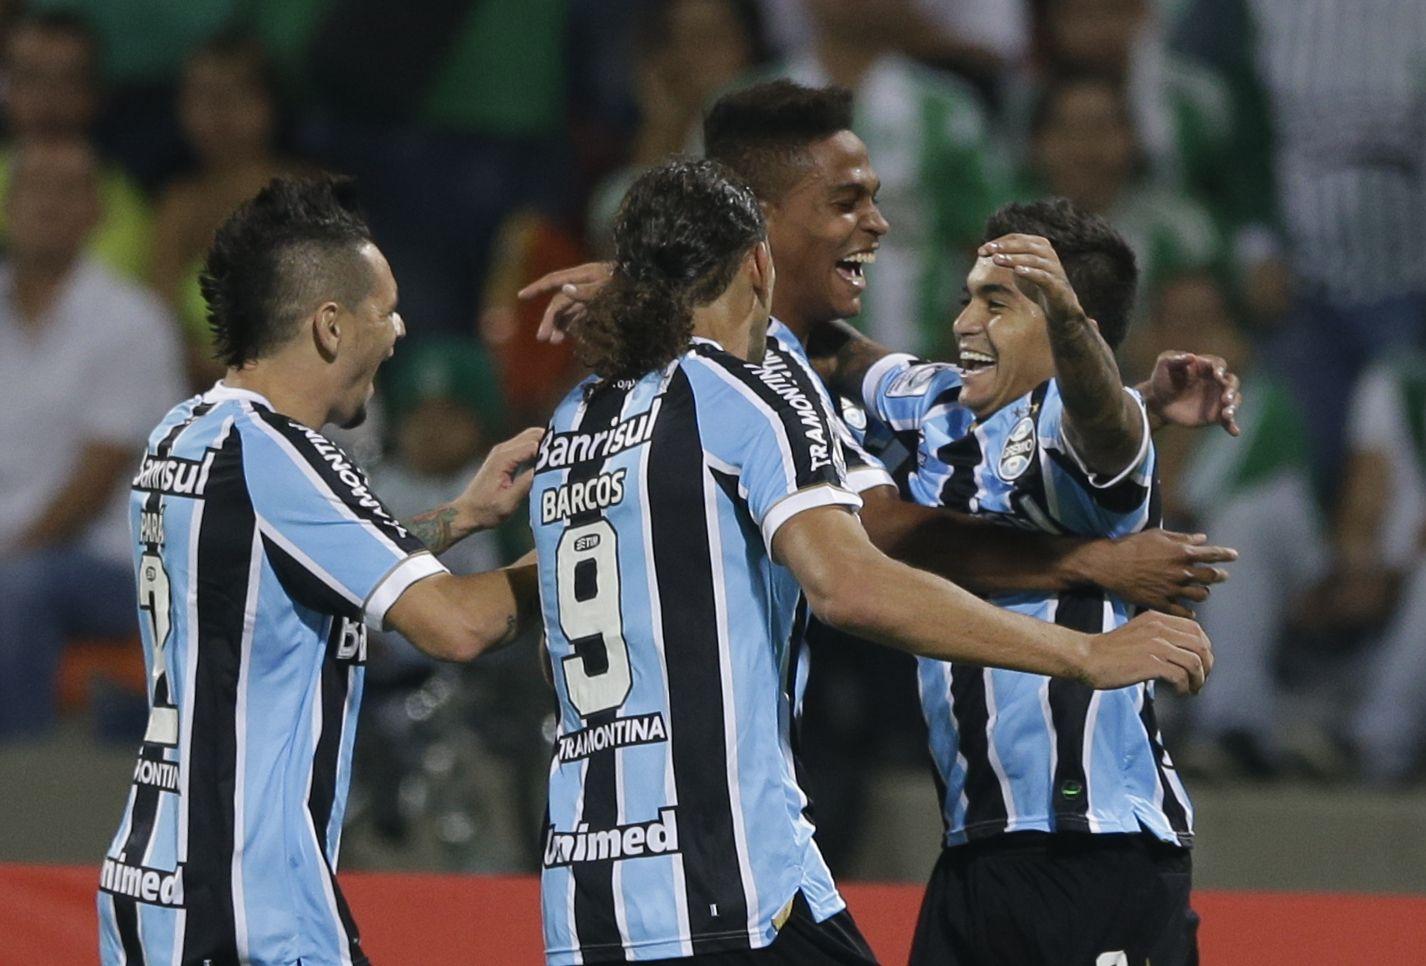 El conjunto de Porto Alegre se impuso 2-0 a Atlético Nacional y dejó a Newells más cerca.